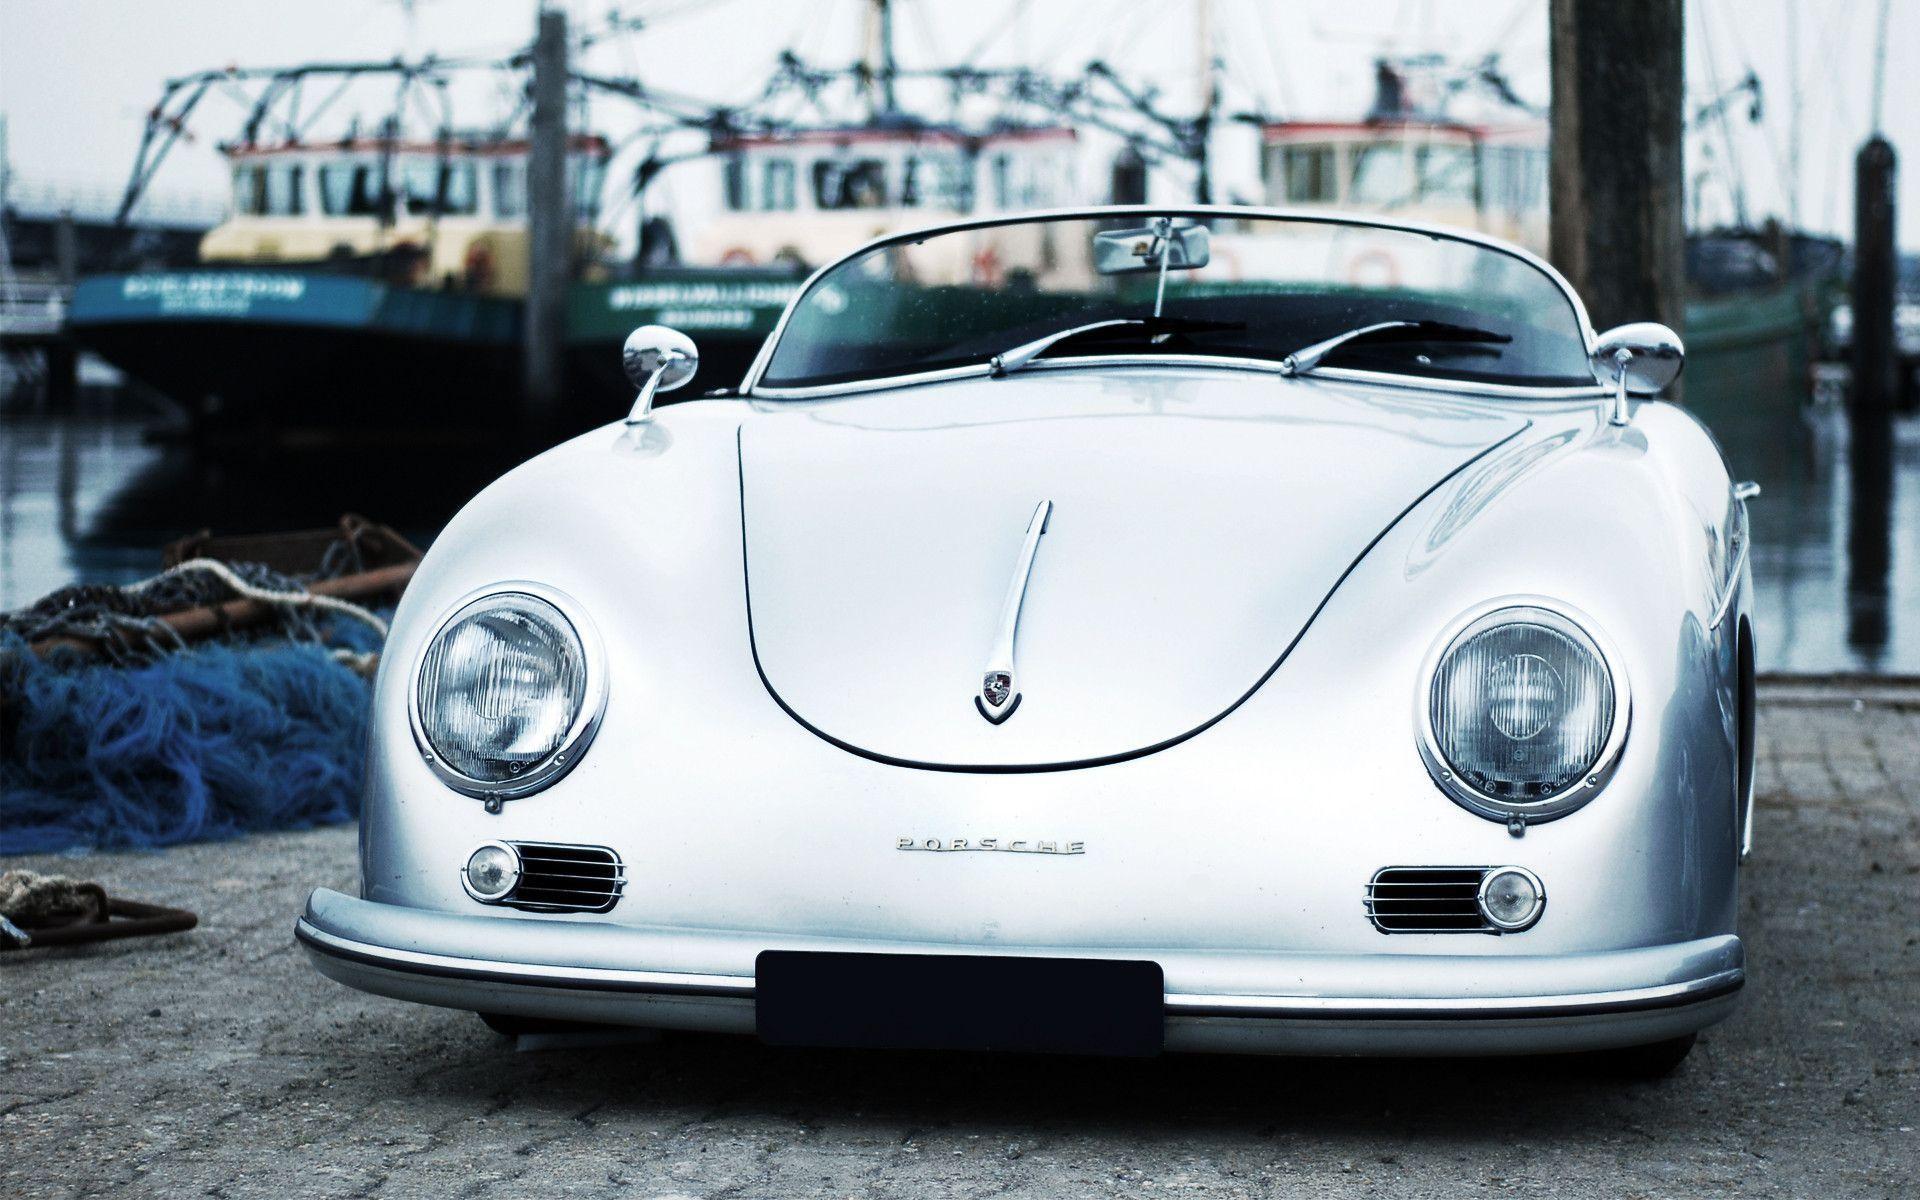 1920x1200, Porsche 356 Speedster - Porsche 356 Wallpaper Hd - HD Wallpaper